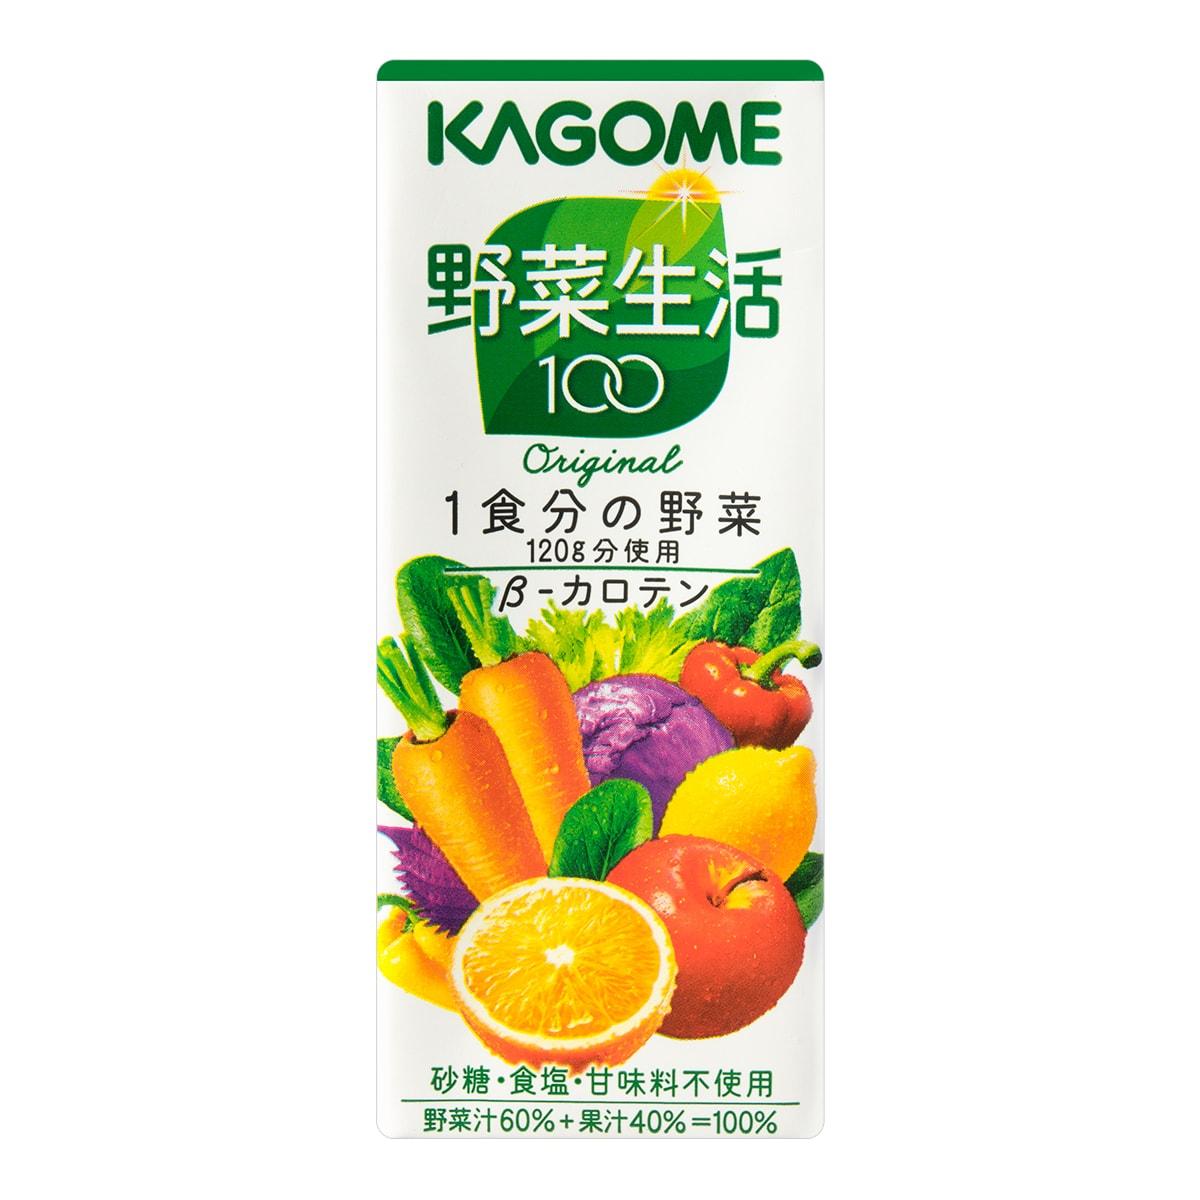 日本KAGOME野菜生活 21种蔬菜+3种水果维生素补给果汁 200g